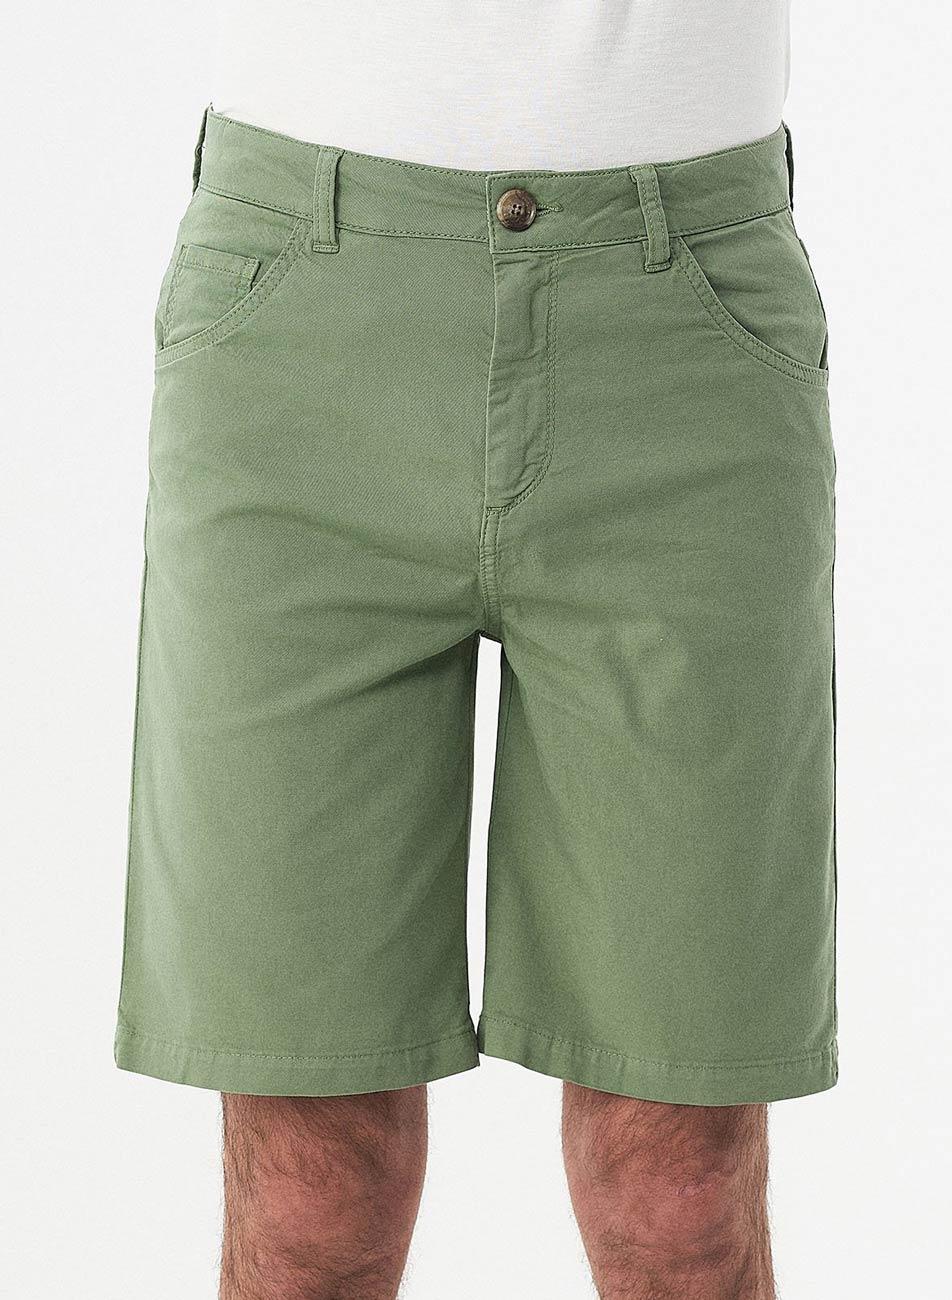 MOR11948-ferngreen-5-Pocket-Shorts-nachhaltiger-Bio-Baumwolle-mit-Elastan-oekofair-regular-fit-hochwertig-Corozo-Button-fair-trade